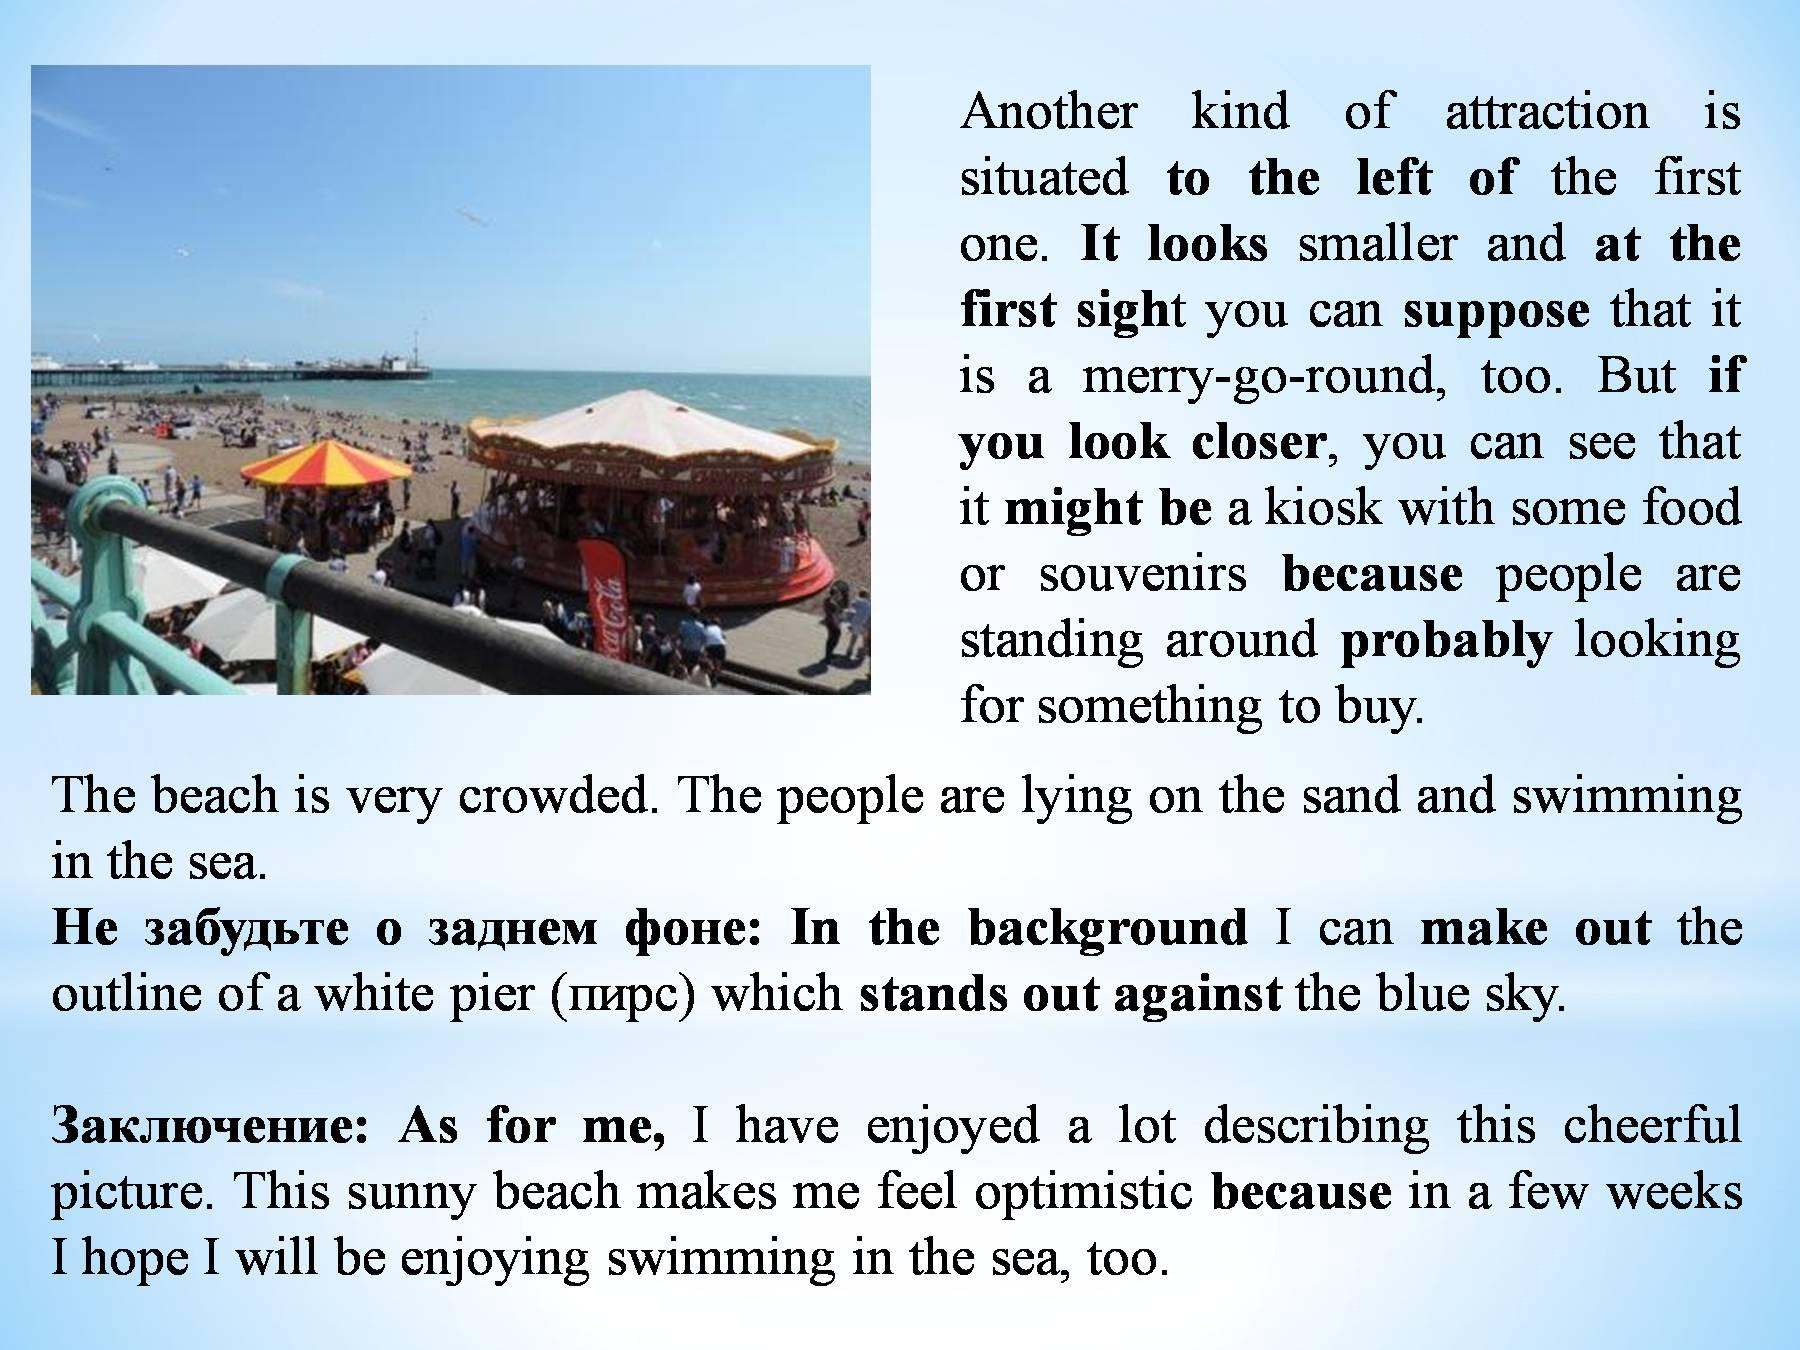 подобрать тон описание картинки на английском примеры этим понятием подразумевается